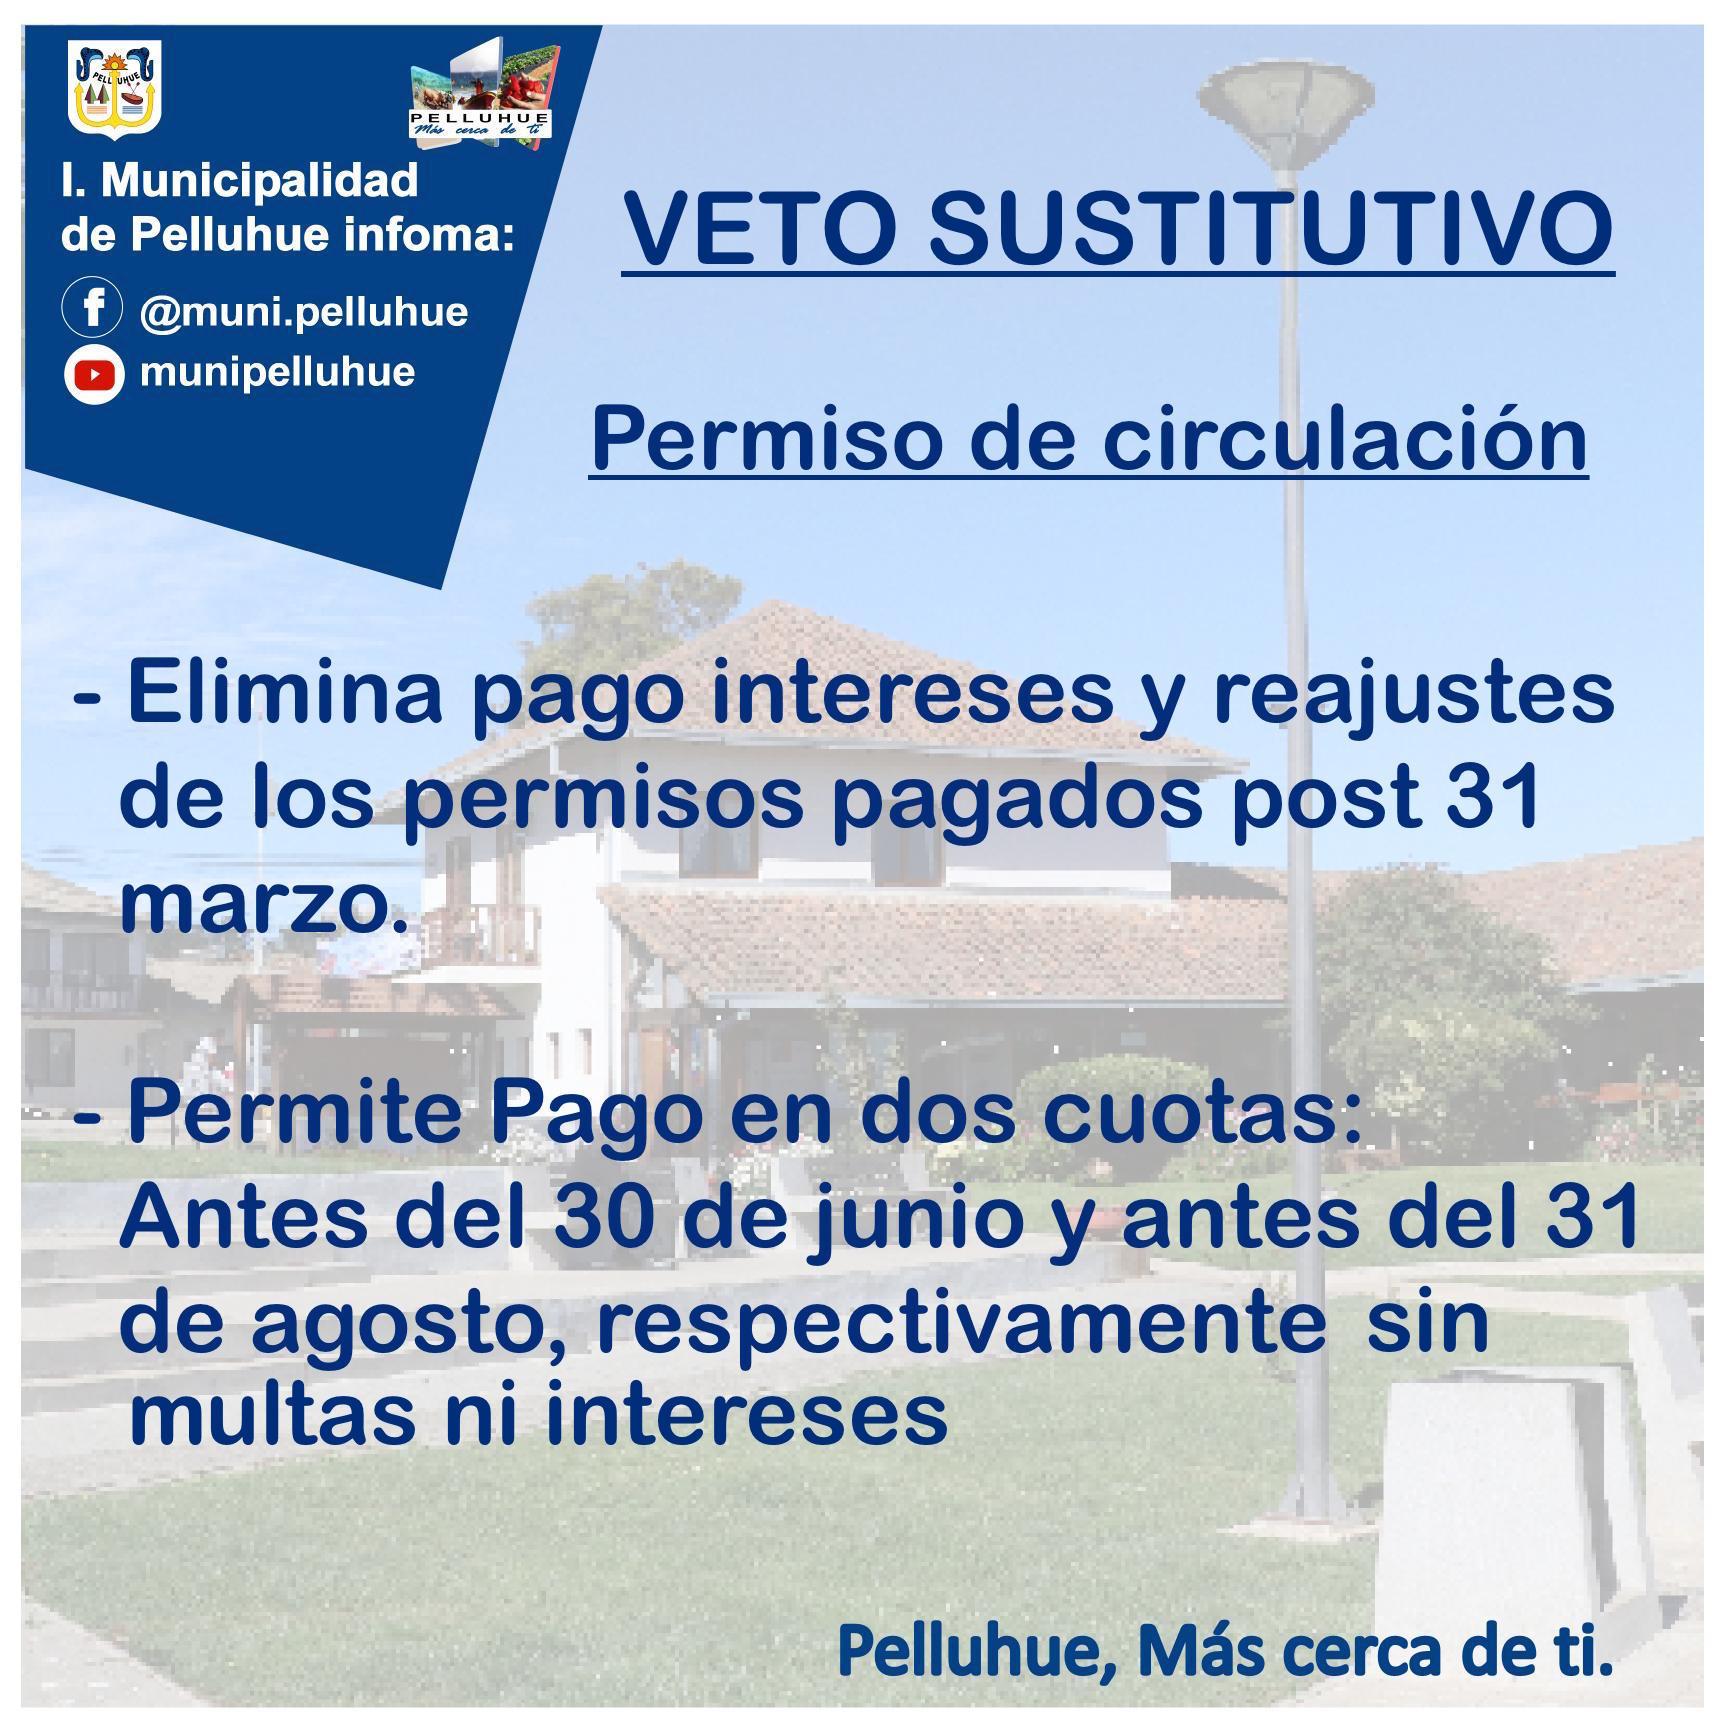 Ilustre Municipalidad de Pelluhue, a través de su Departamento de Transito informa: